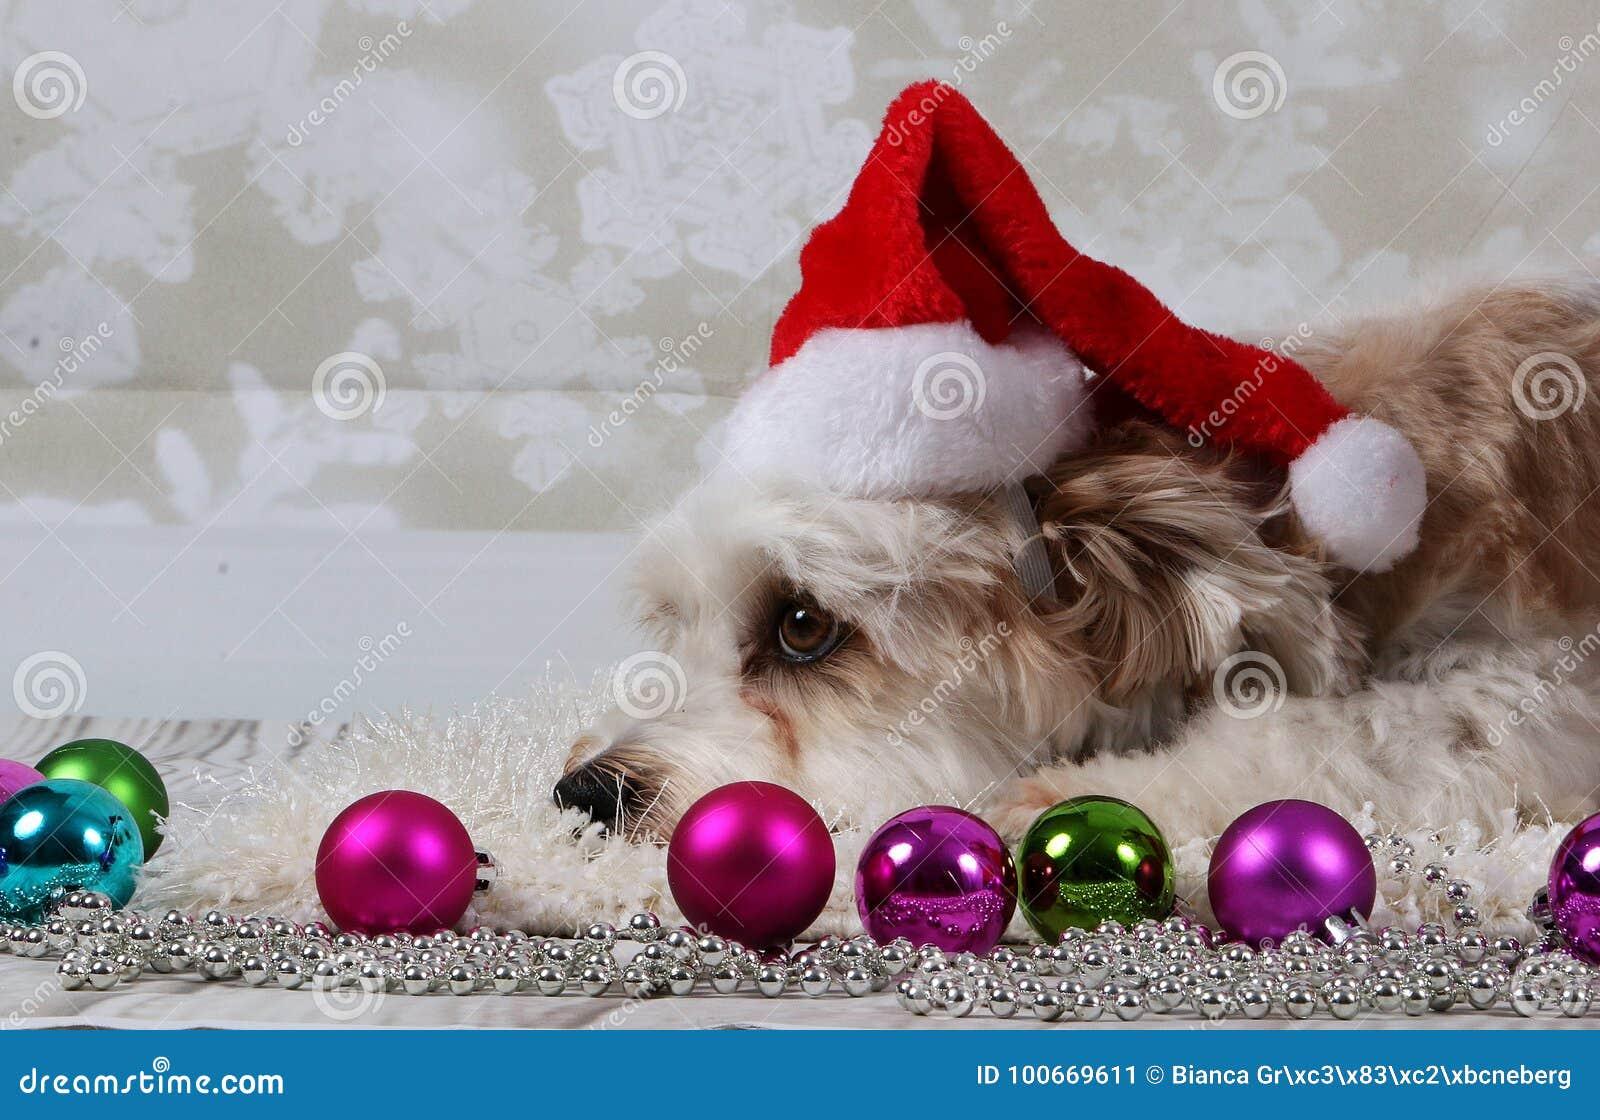 Immagini Divertenti Animali Natale.Cani Divertenti Di Natale Immagine Stock Immagine Di Capelli 100669611